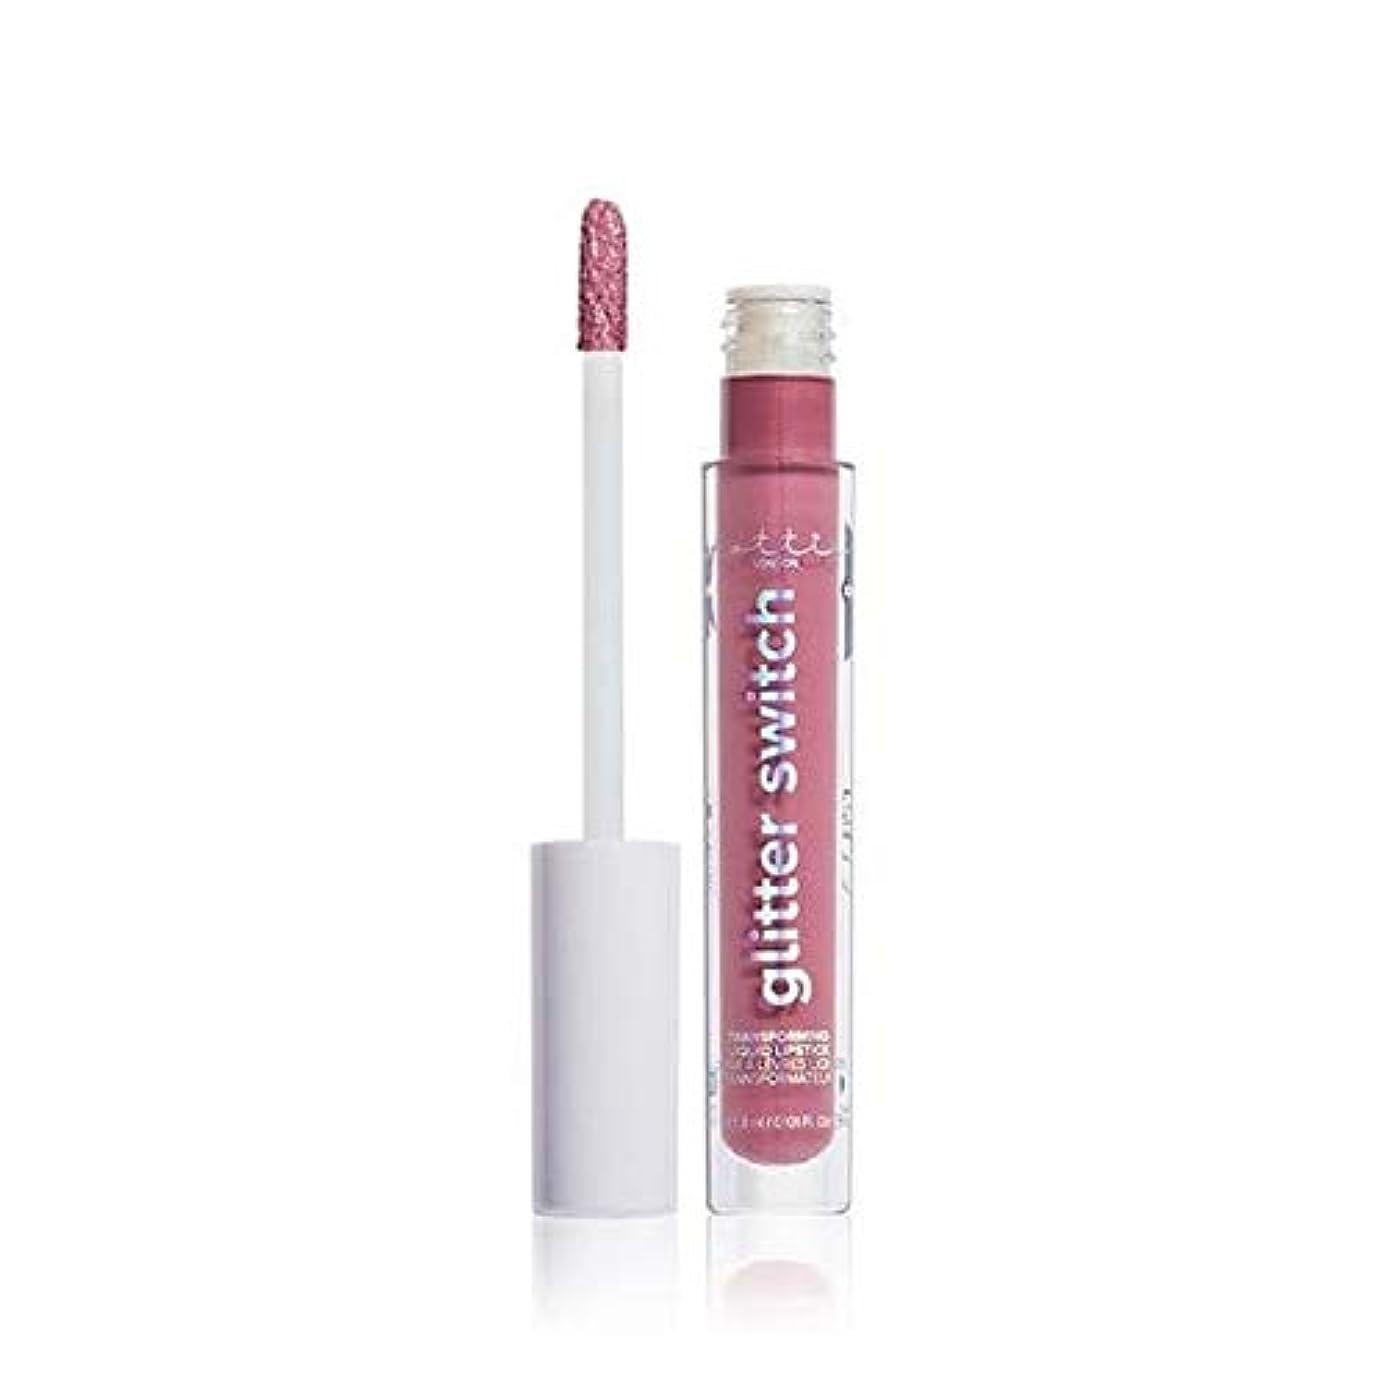 サスペンション定期的カメ[Lottie London] 口紅を変換ロンドンキラキラスイッチを望んでいたLottie - Lottie London Glitter Switch Transforming Lipstick Wanted [並行輸入品]